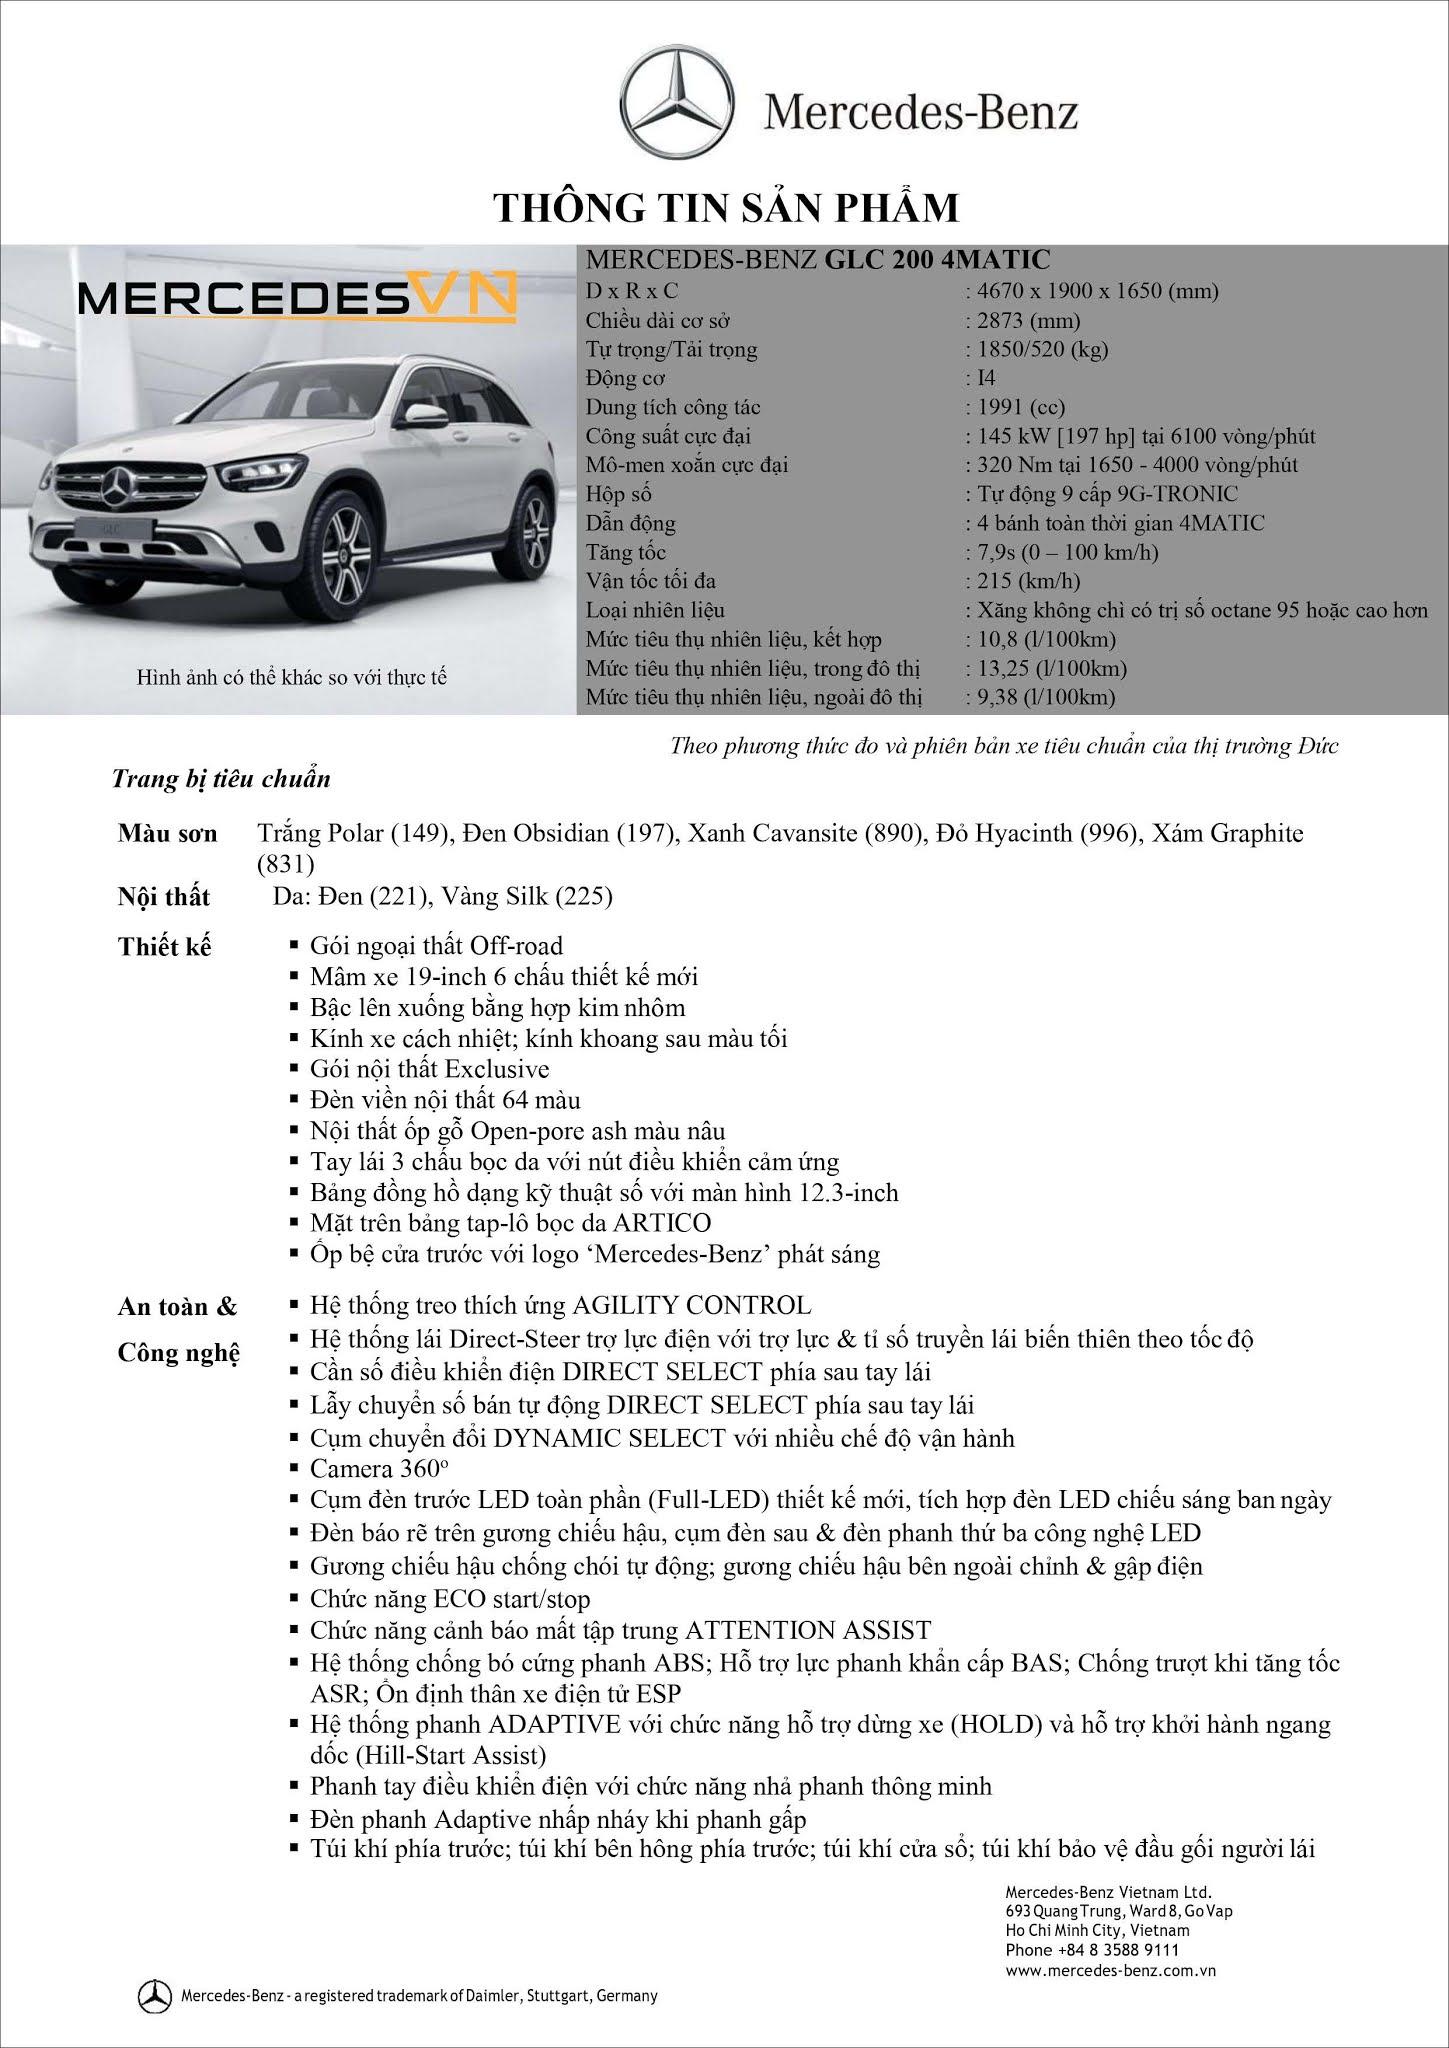 Bảng thông số kỹ thuật Mercedes GLC 200 4MATIC 2021